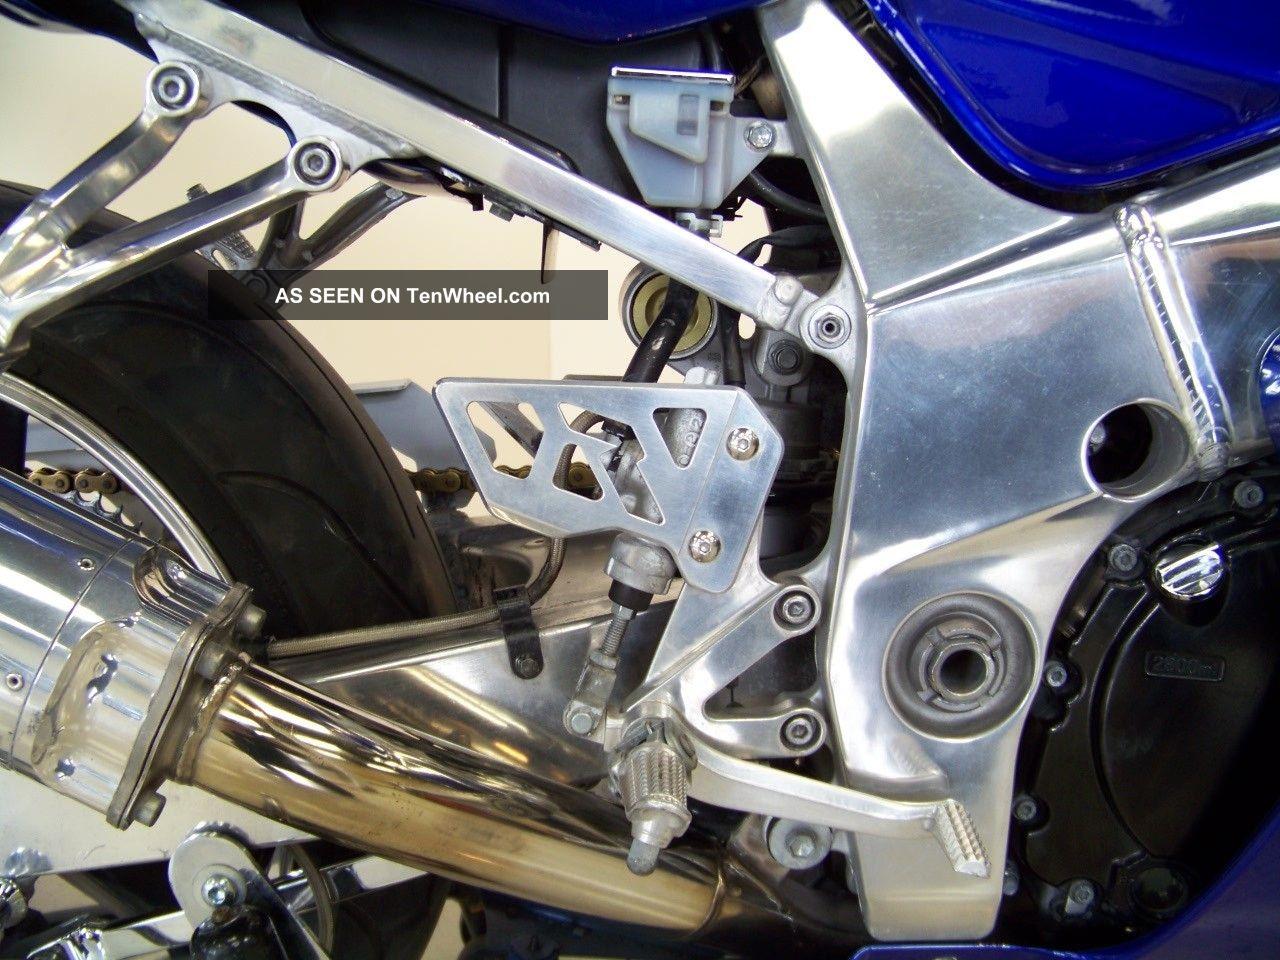 2002 Suzuki Gsxr600 Superbike Supersport 600